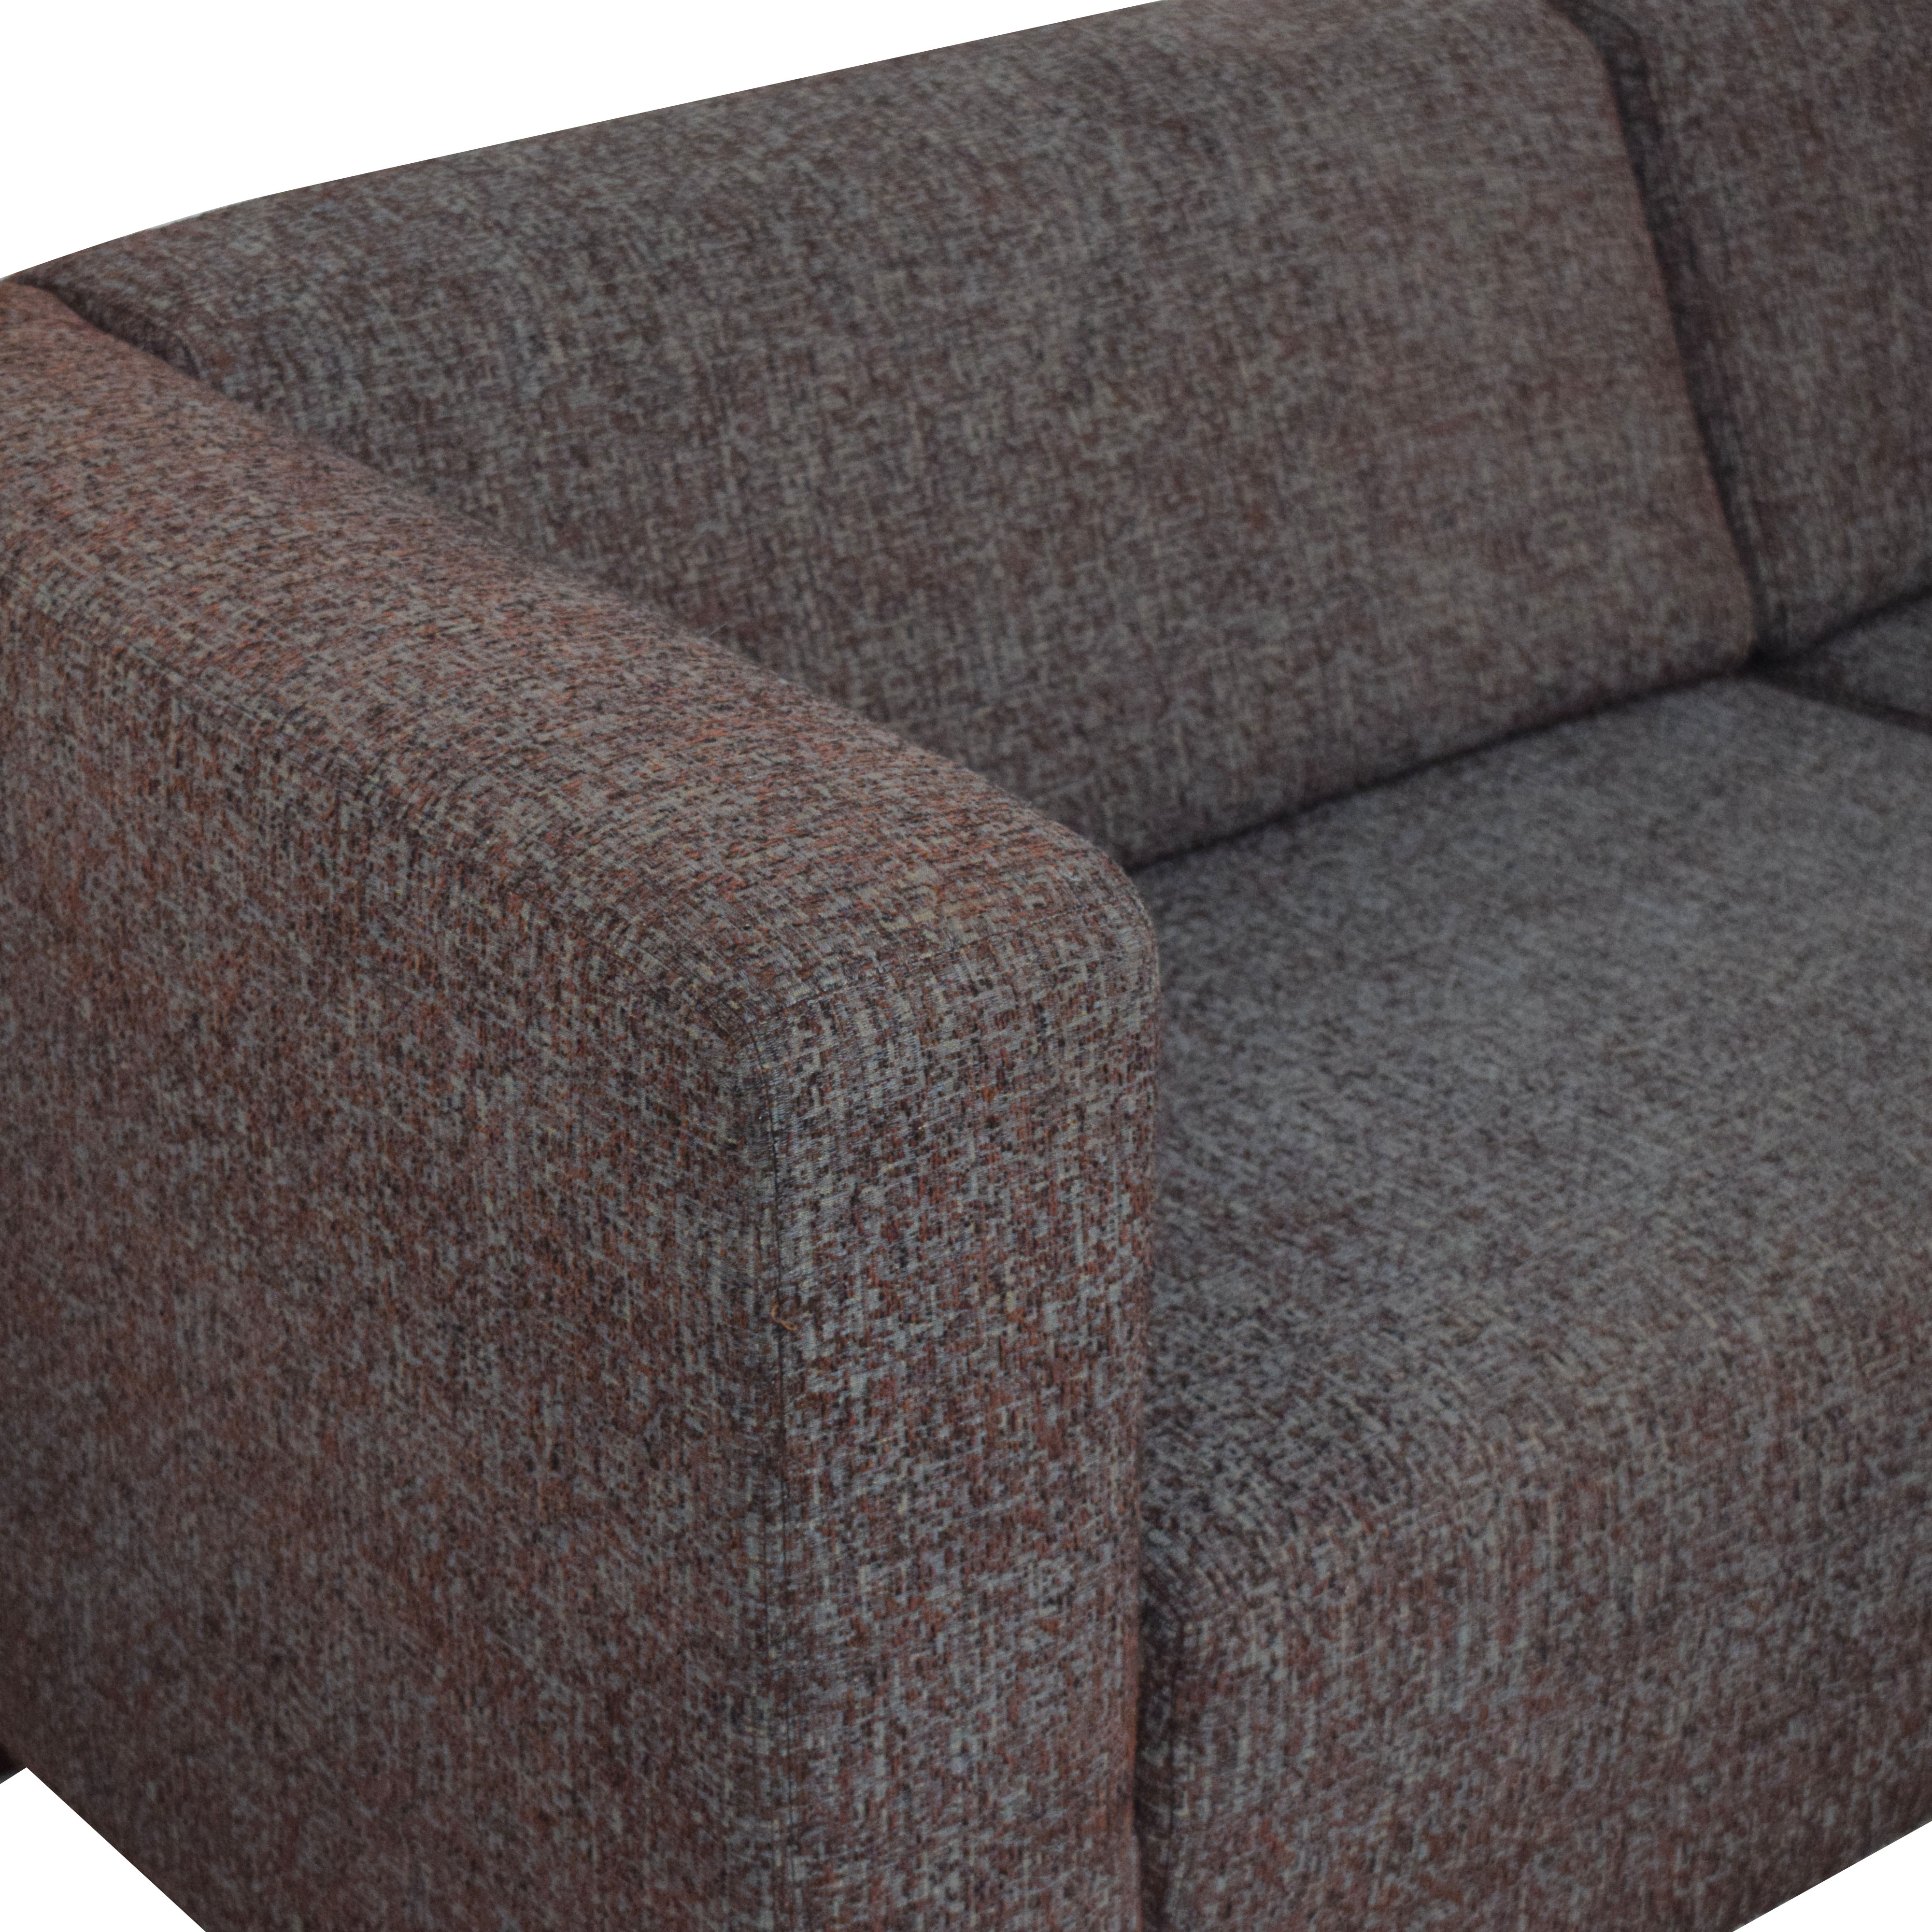 Palliser Stella Two-Cushion Sofa / Classic Sofas